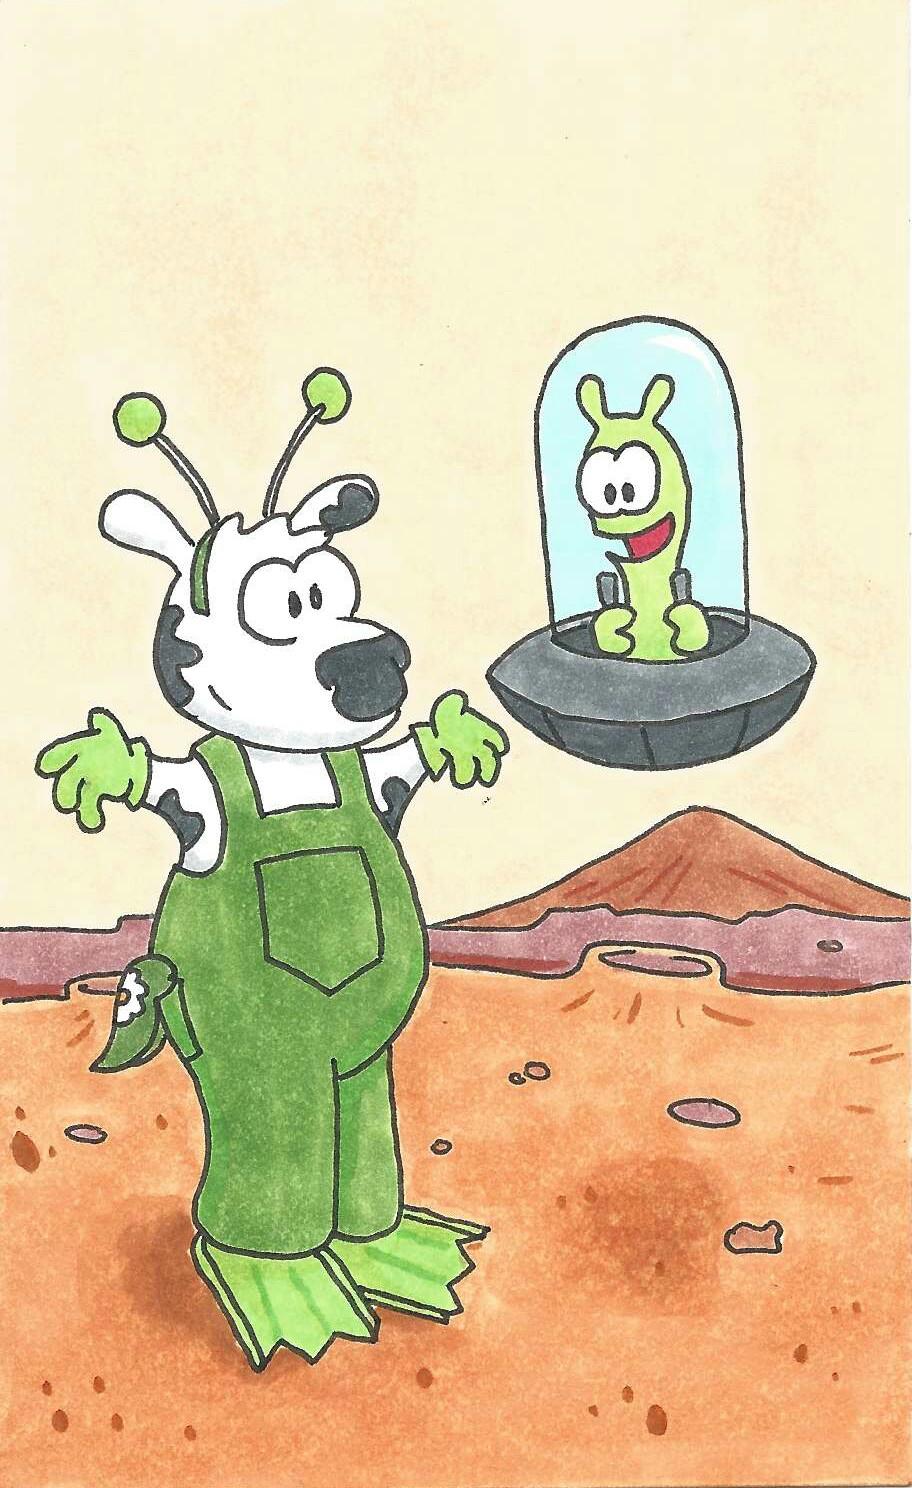 Not a Martian